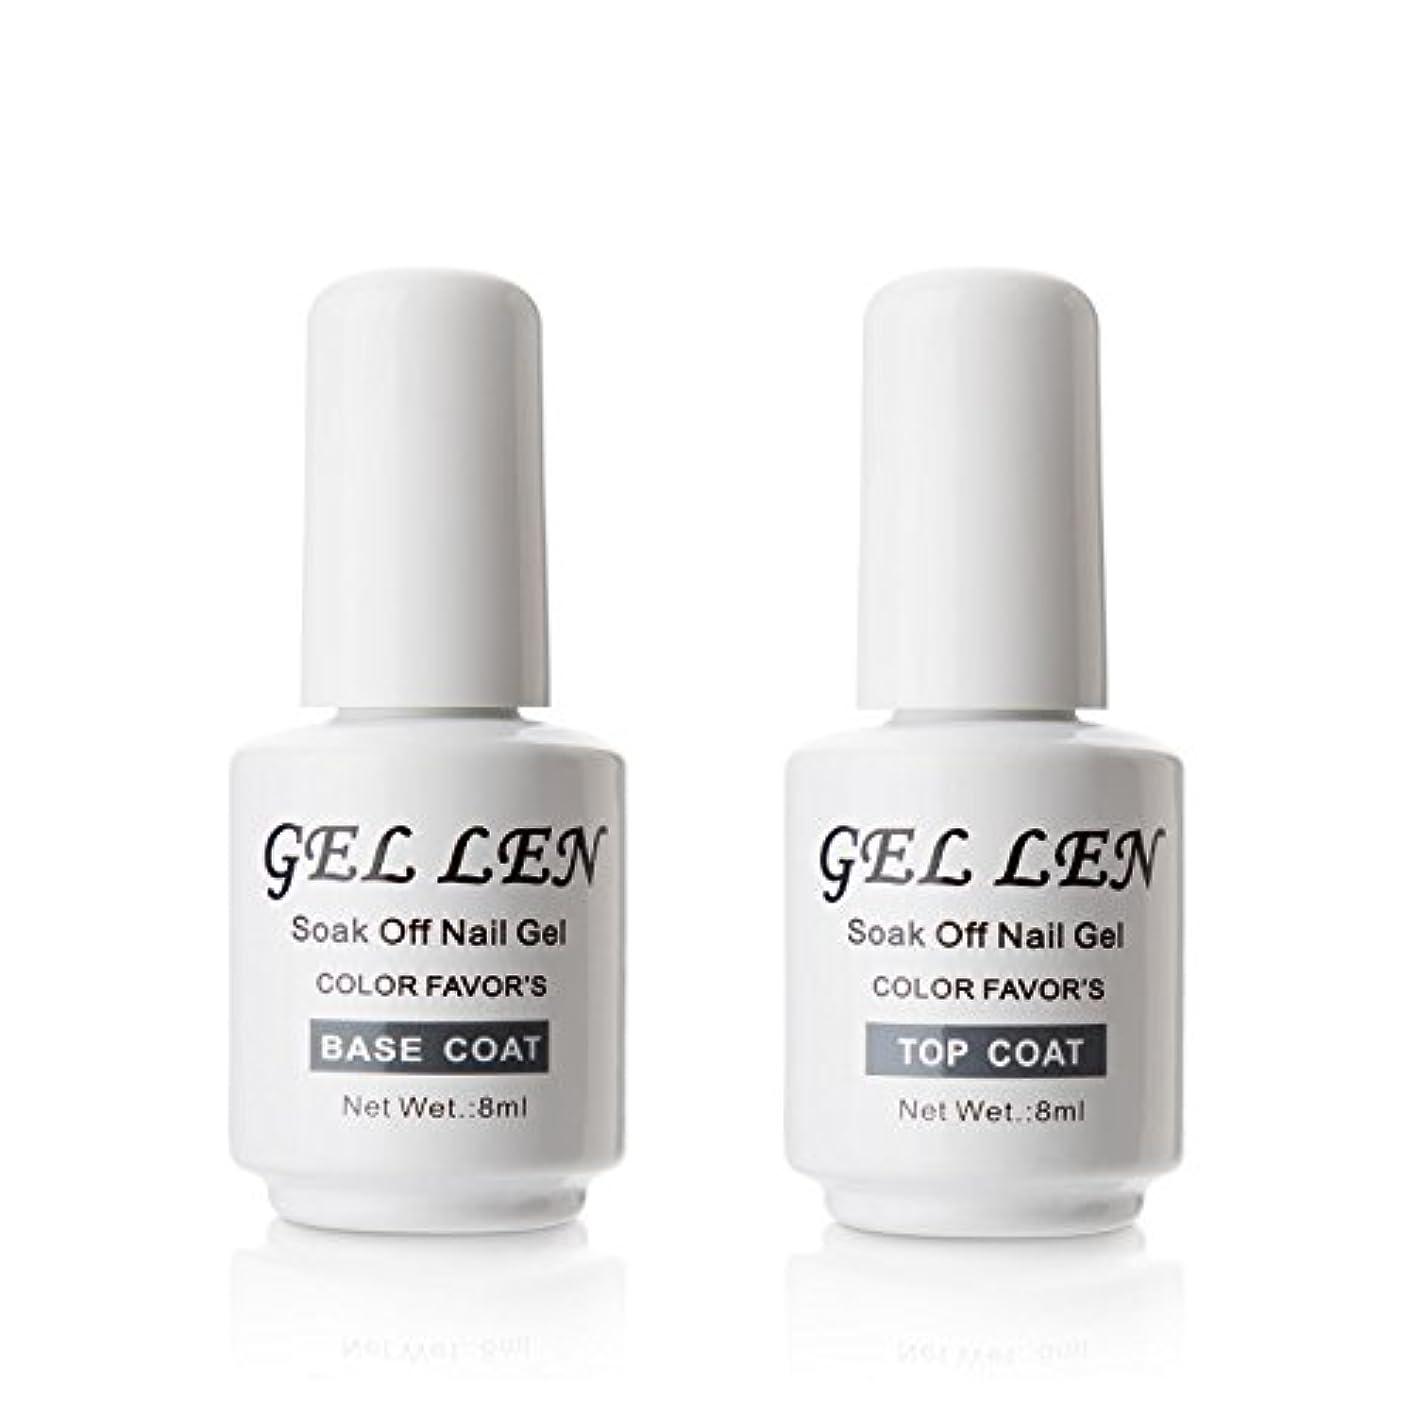 フラップ作者廃棄Gellen ジェルネイル UV LED ベースコート&トップコート セット 8ml